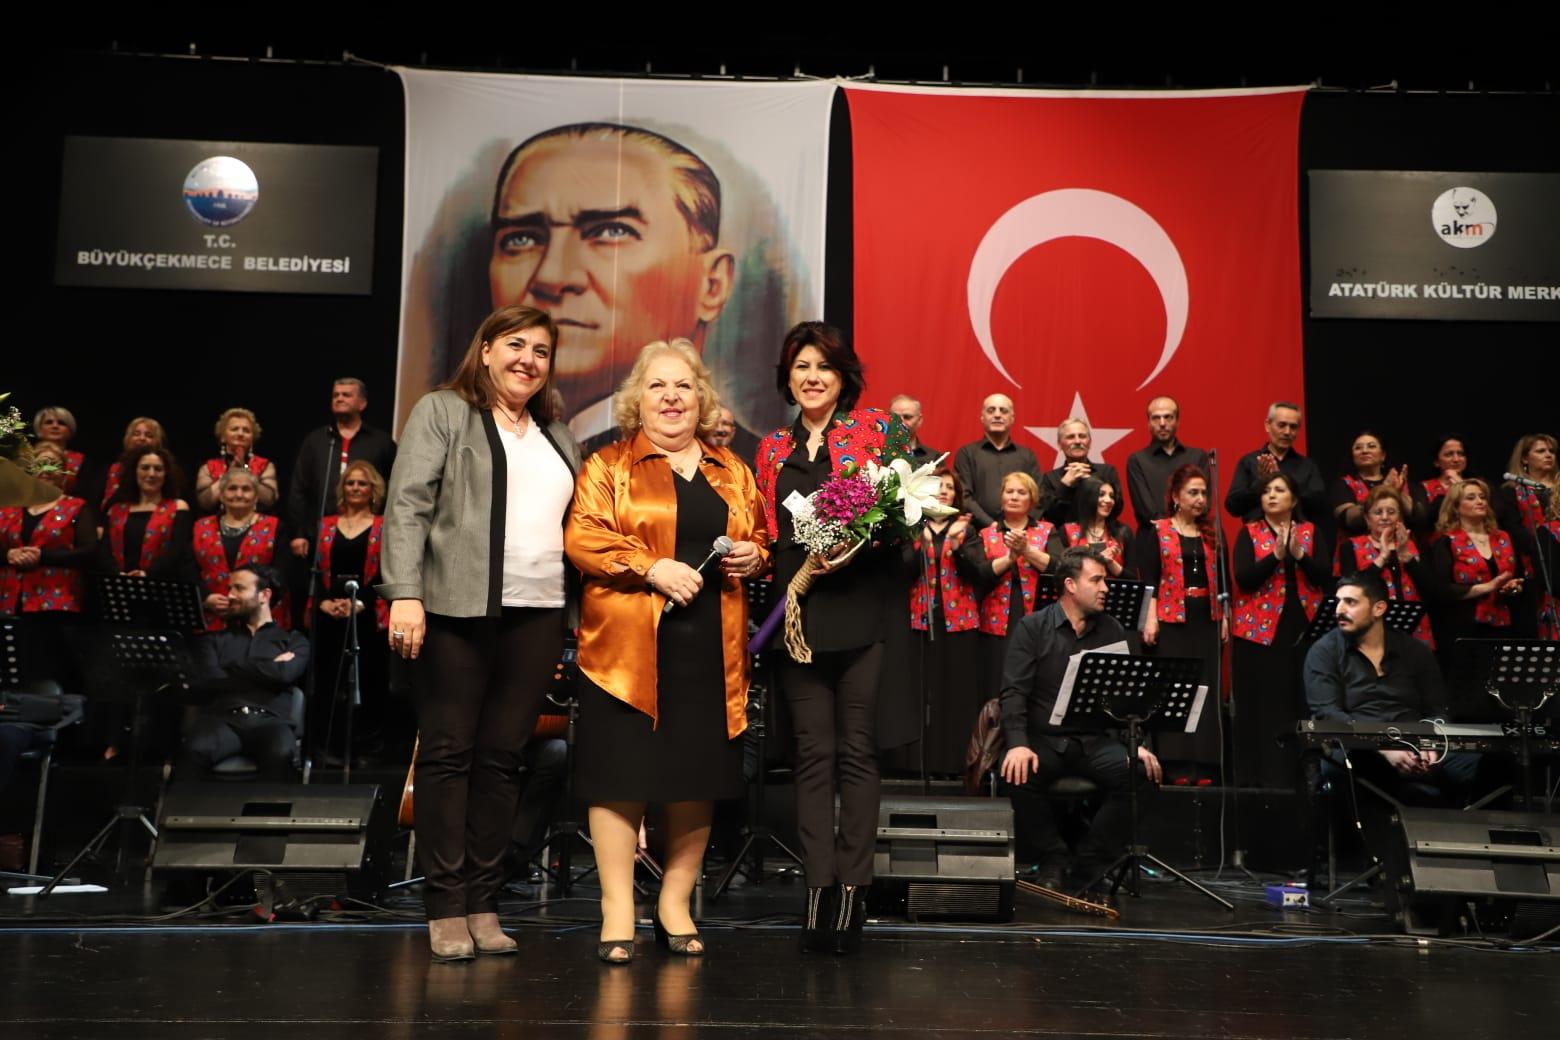 Türkü severler Büyükçekmece'de nostaljiye yolculuk yaptı